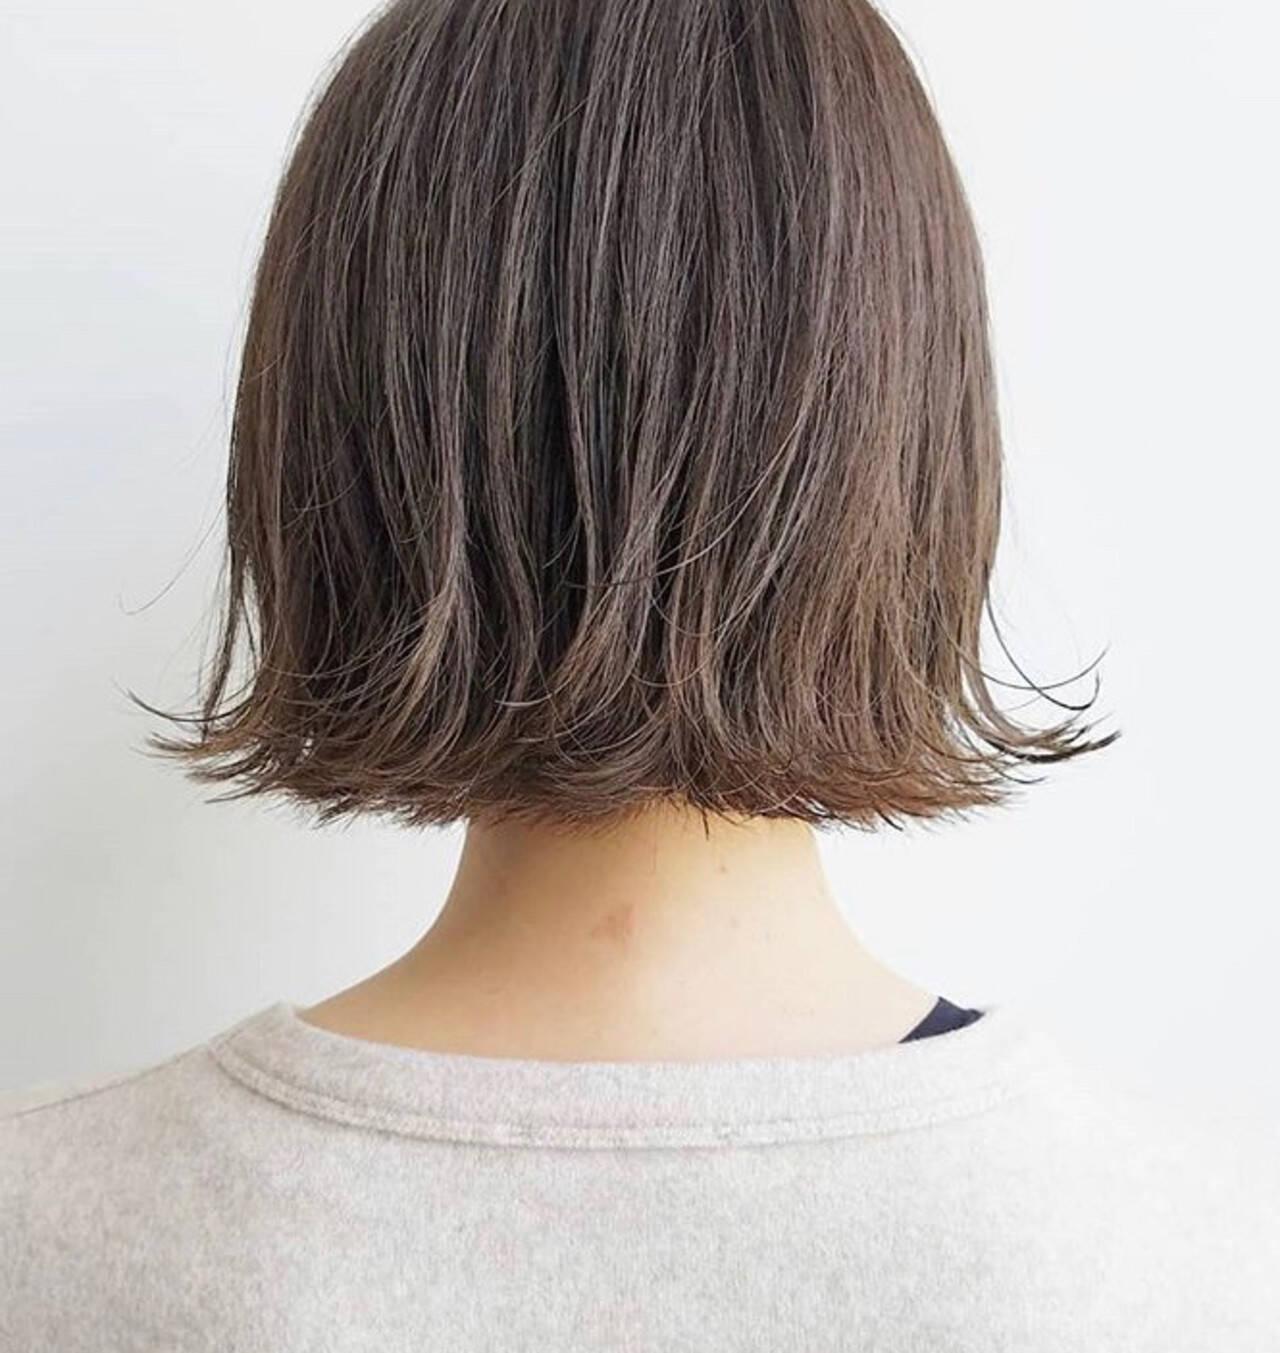 ミルクティーベージュ ミルクティーアッシュ ボブ ミルクティーグレージュヘアスタイルや髪型の写真・画像